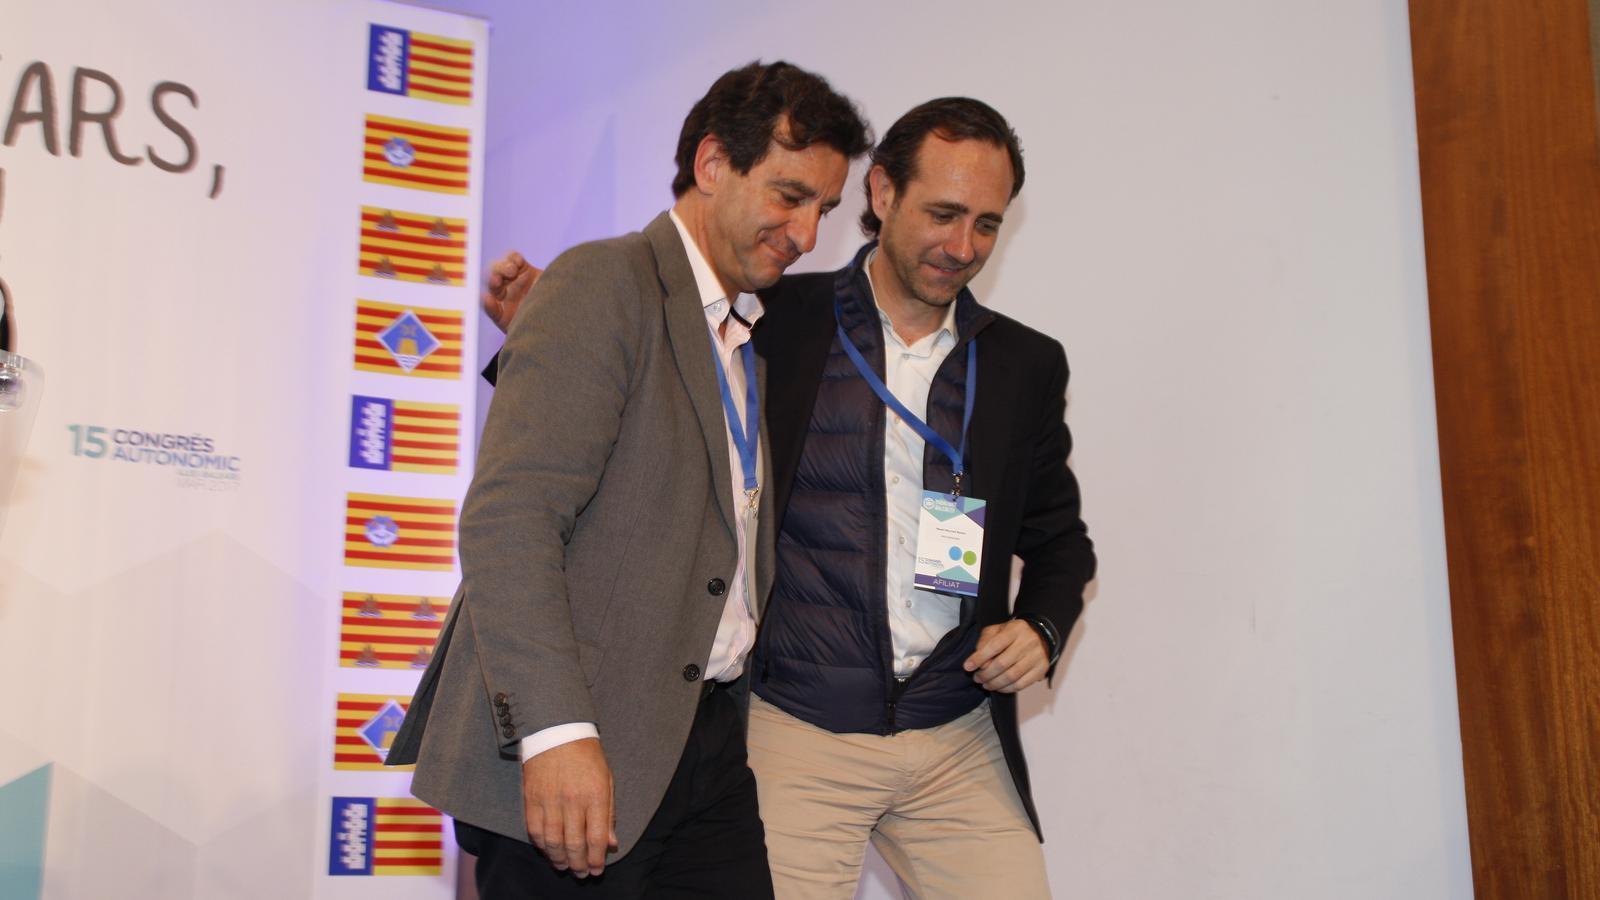 """Maíllo: """"Hem de ser implacables amb la corrupció però també justos amb els nostres"""""""